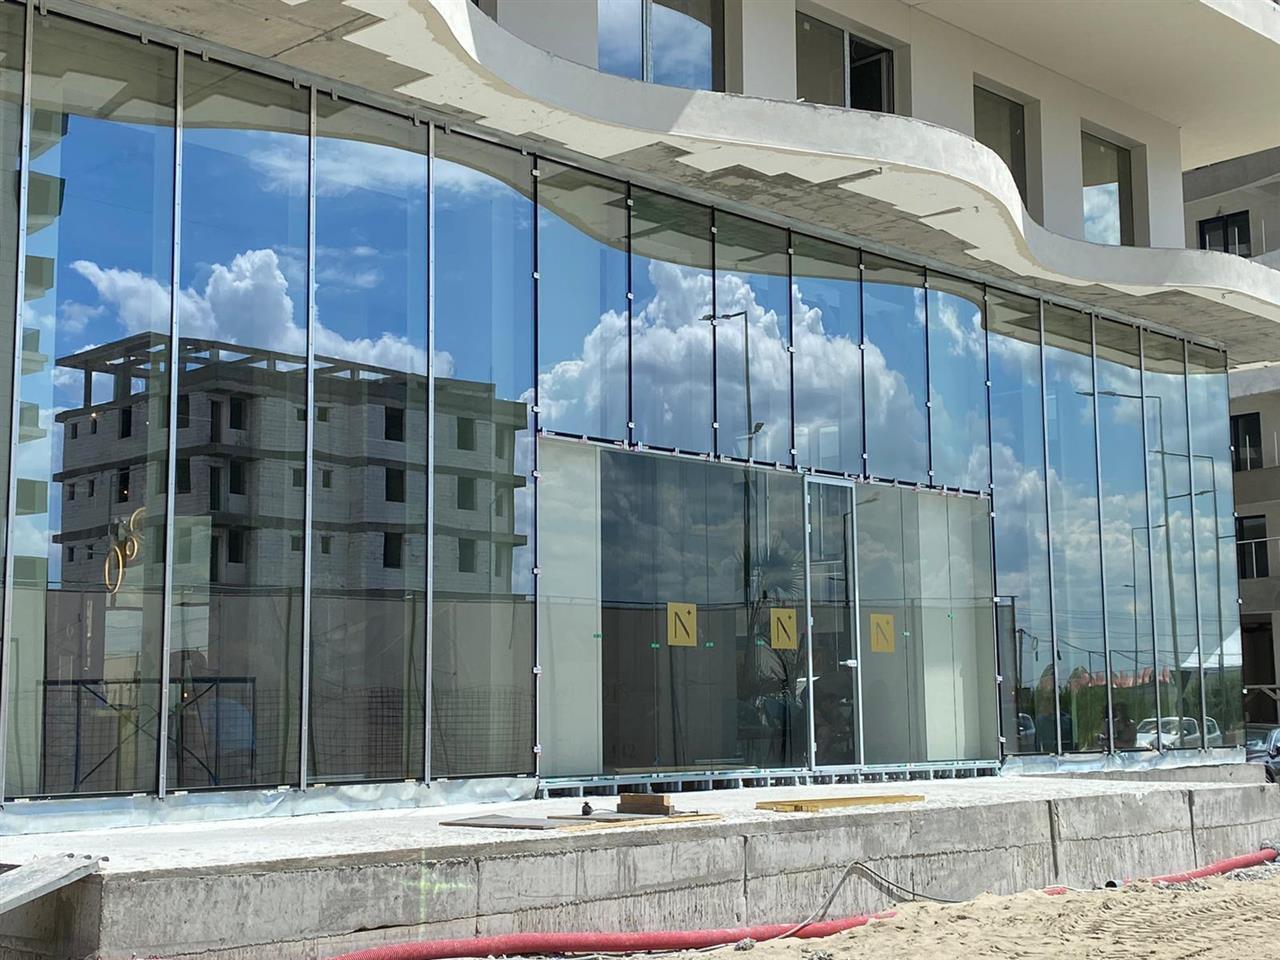 Investitie  MAMAIA Vacanta,Plaja 10000 MP ,Cel mai mare SPA